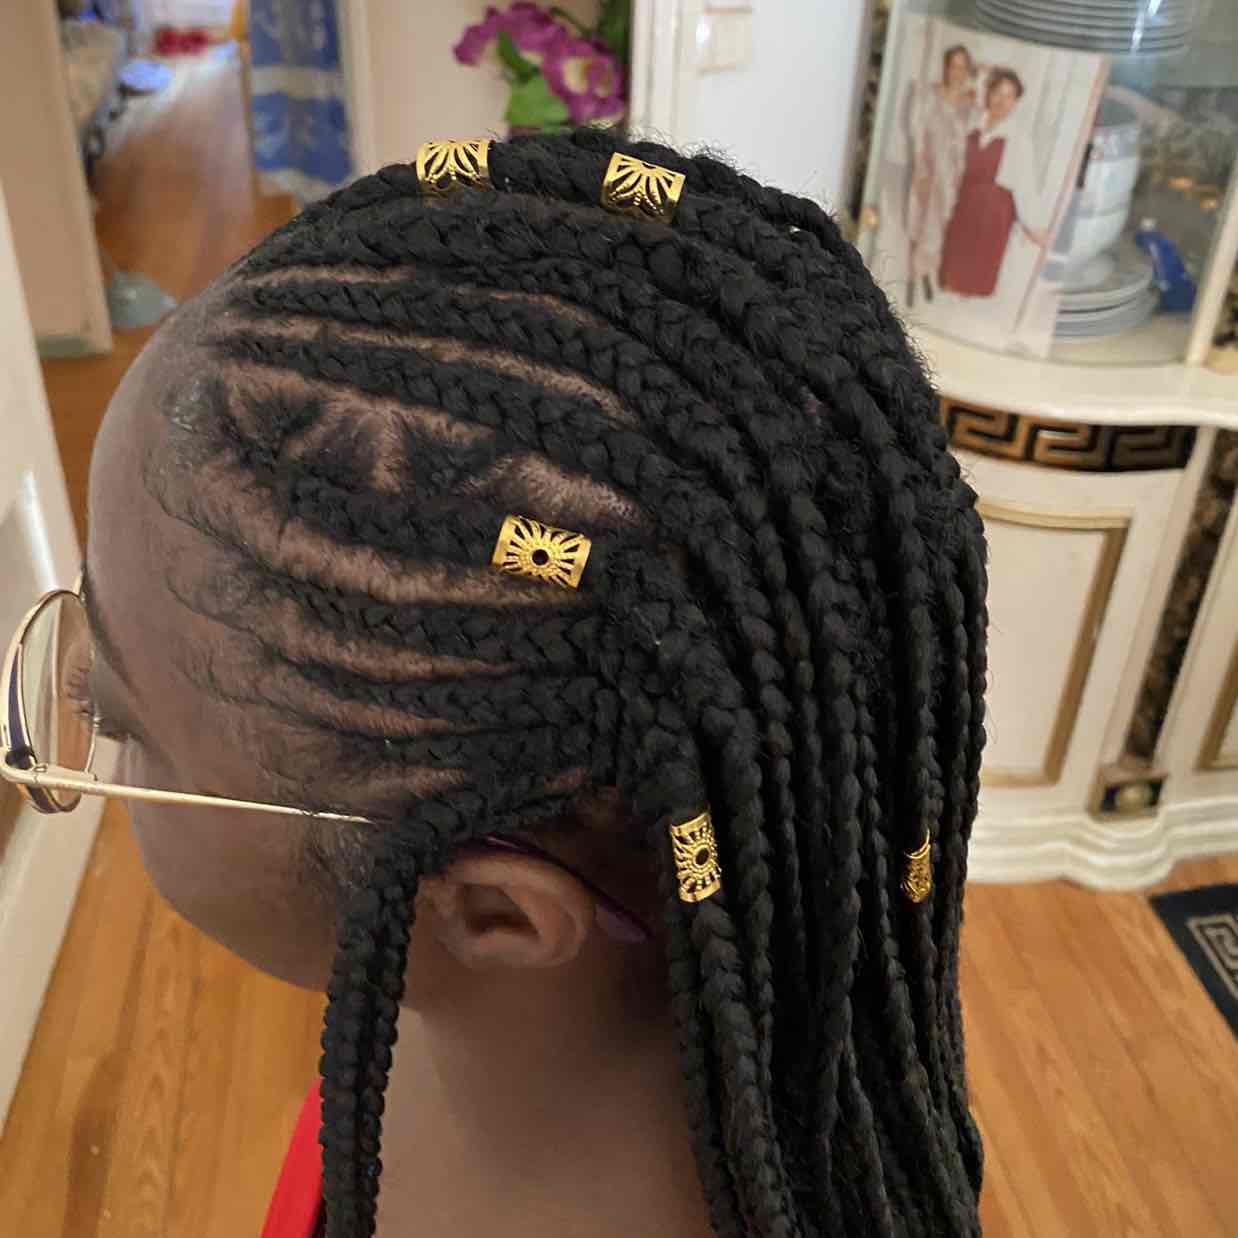 salon de coiffure afro tresse tresses box braids crochet braids vanilles tissages paris 75 77 78 91 92 93 94 95 RKNGRQVU